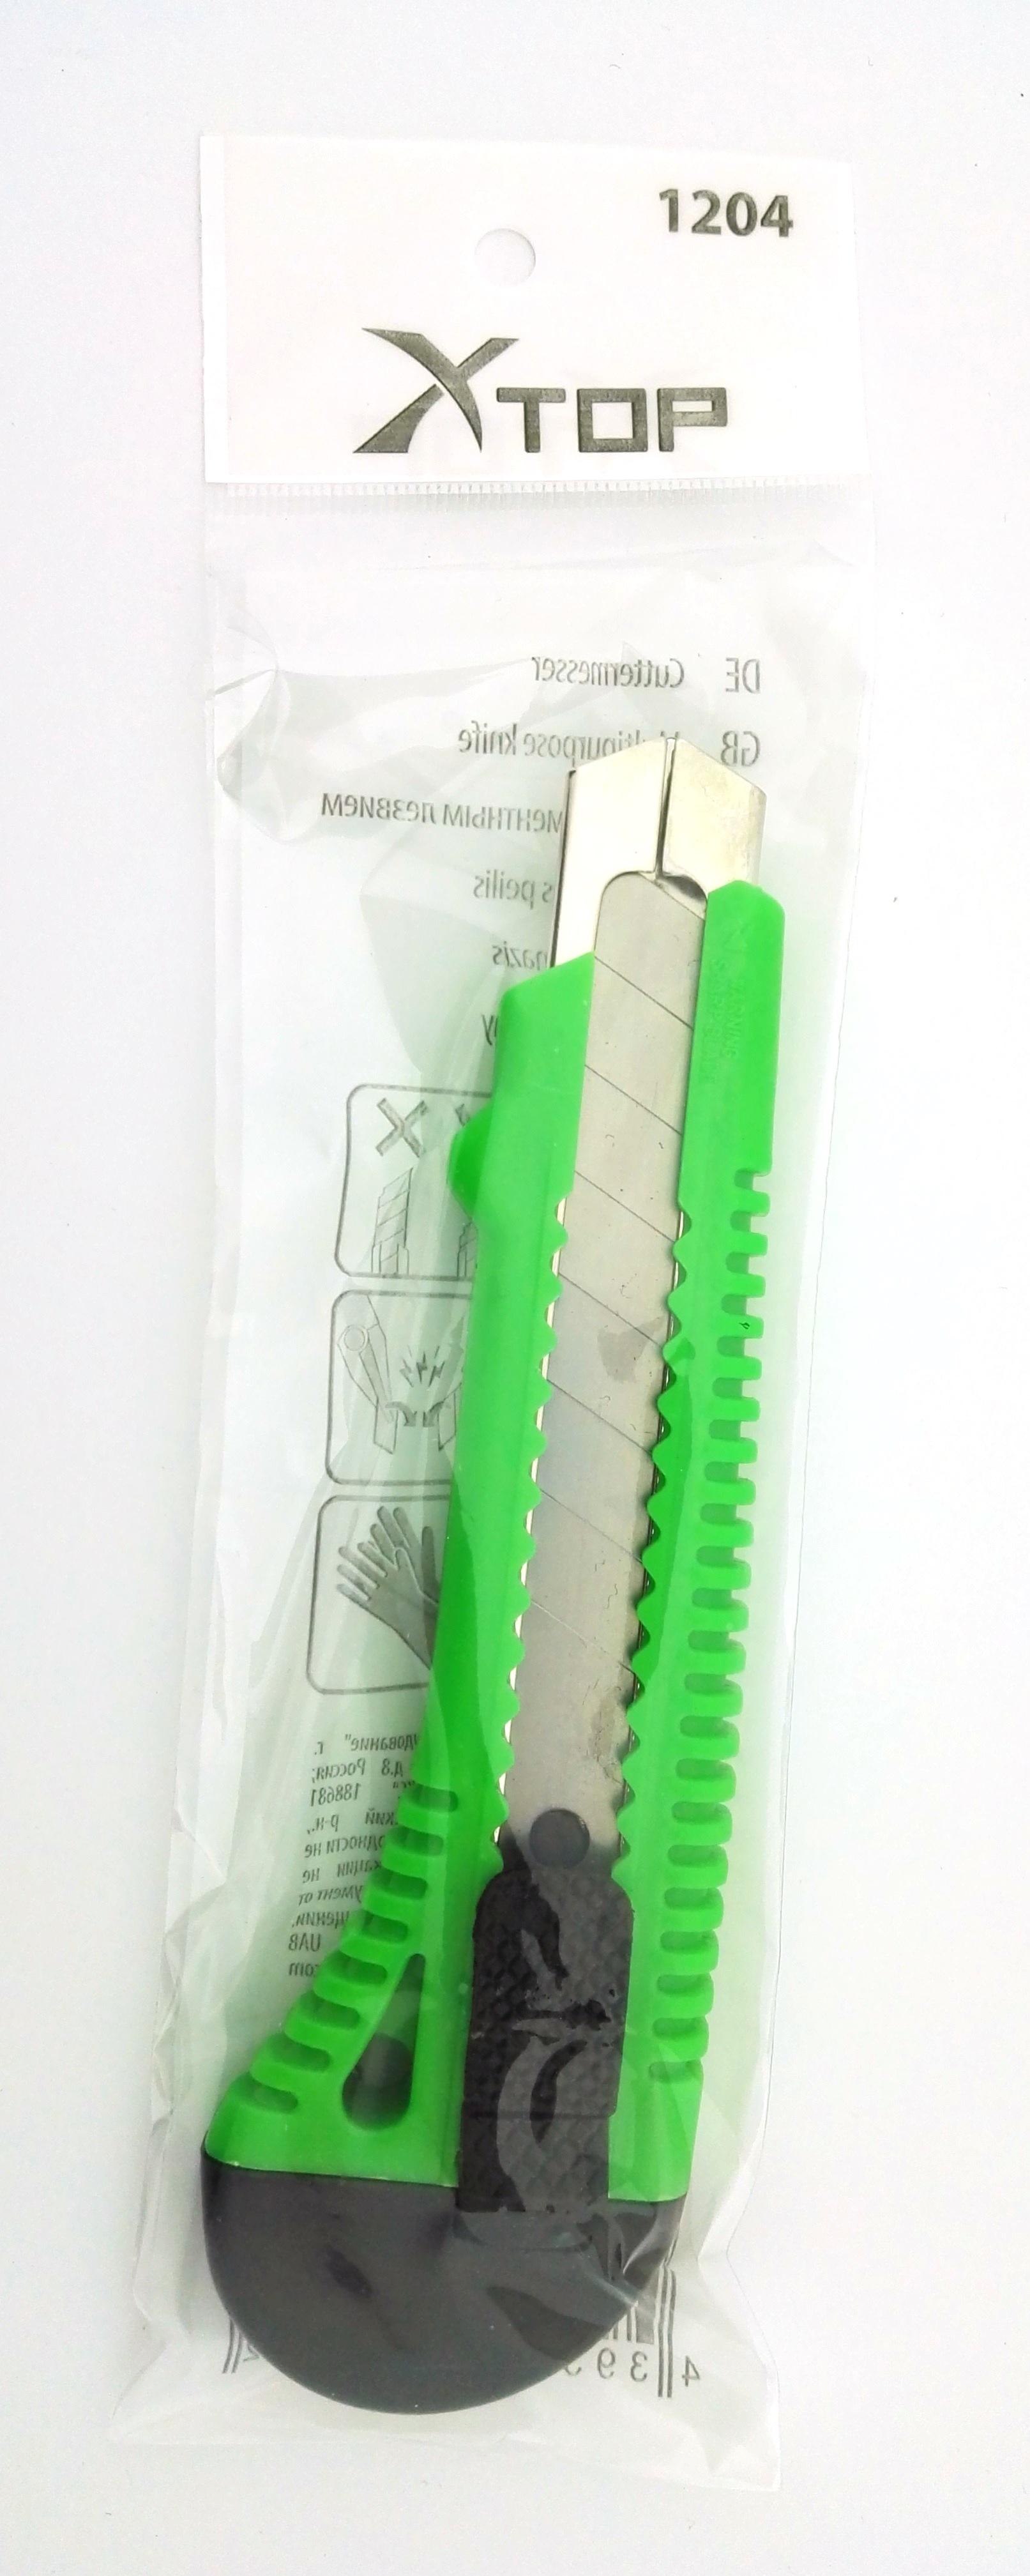 Нож Xtop 1204:e